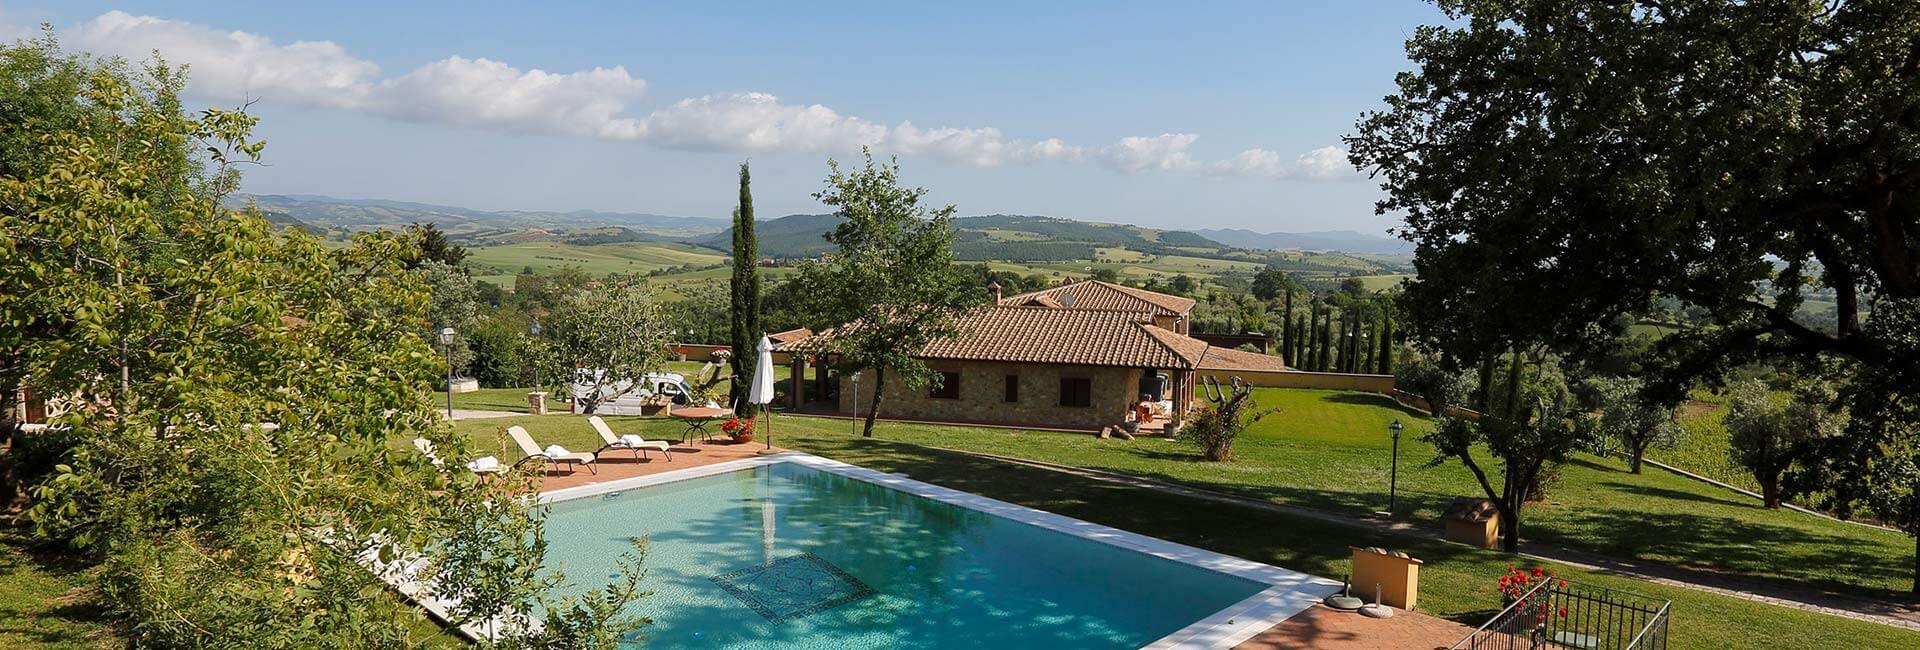 header-info-prenotazioni-wine-resort-maremma